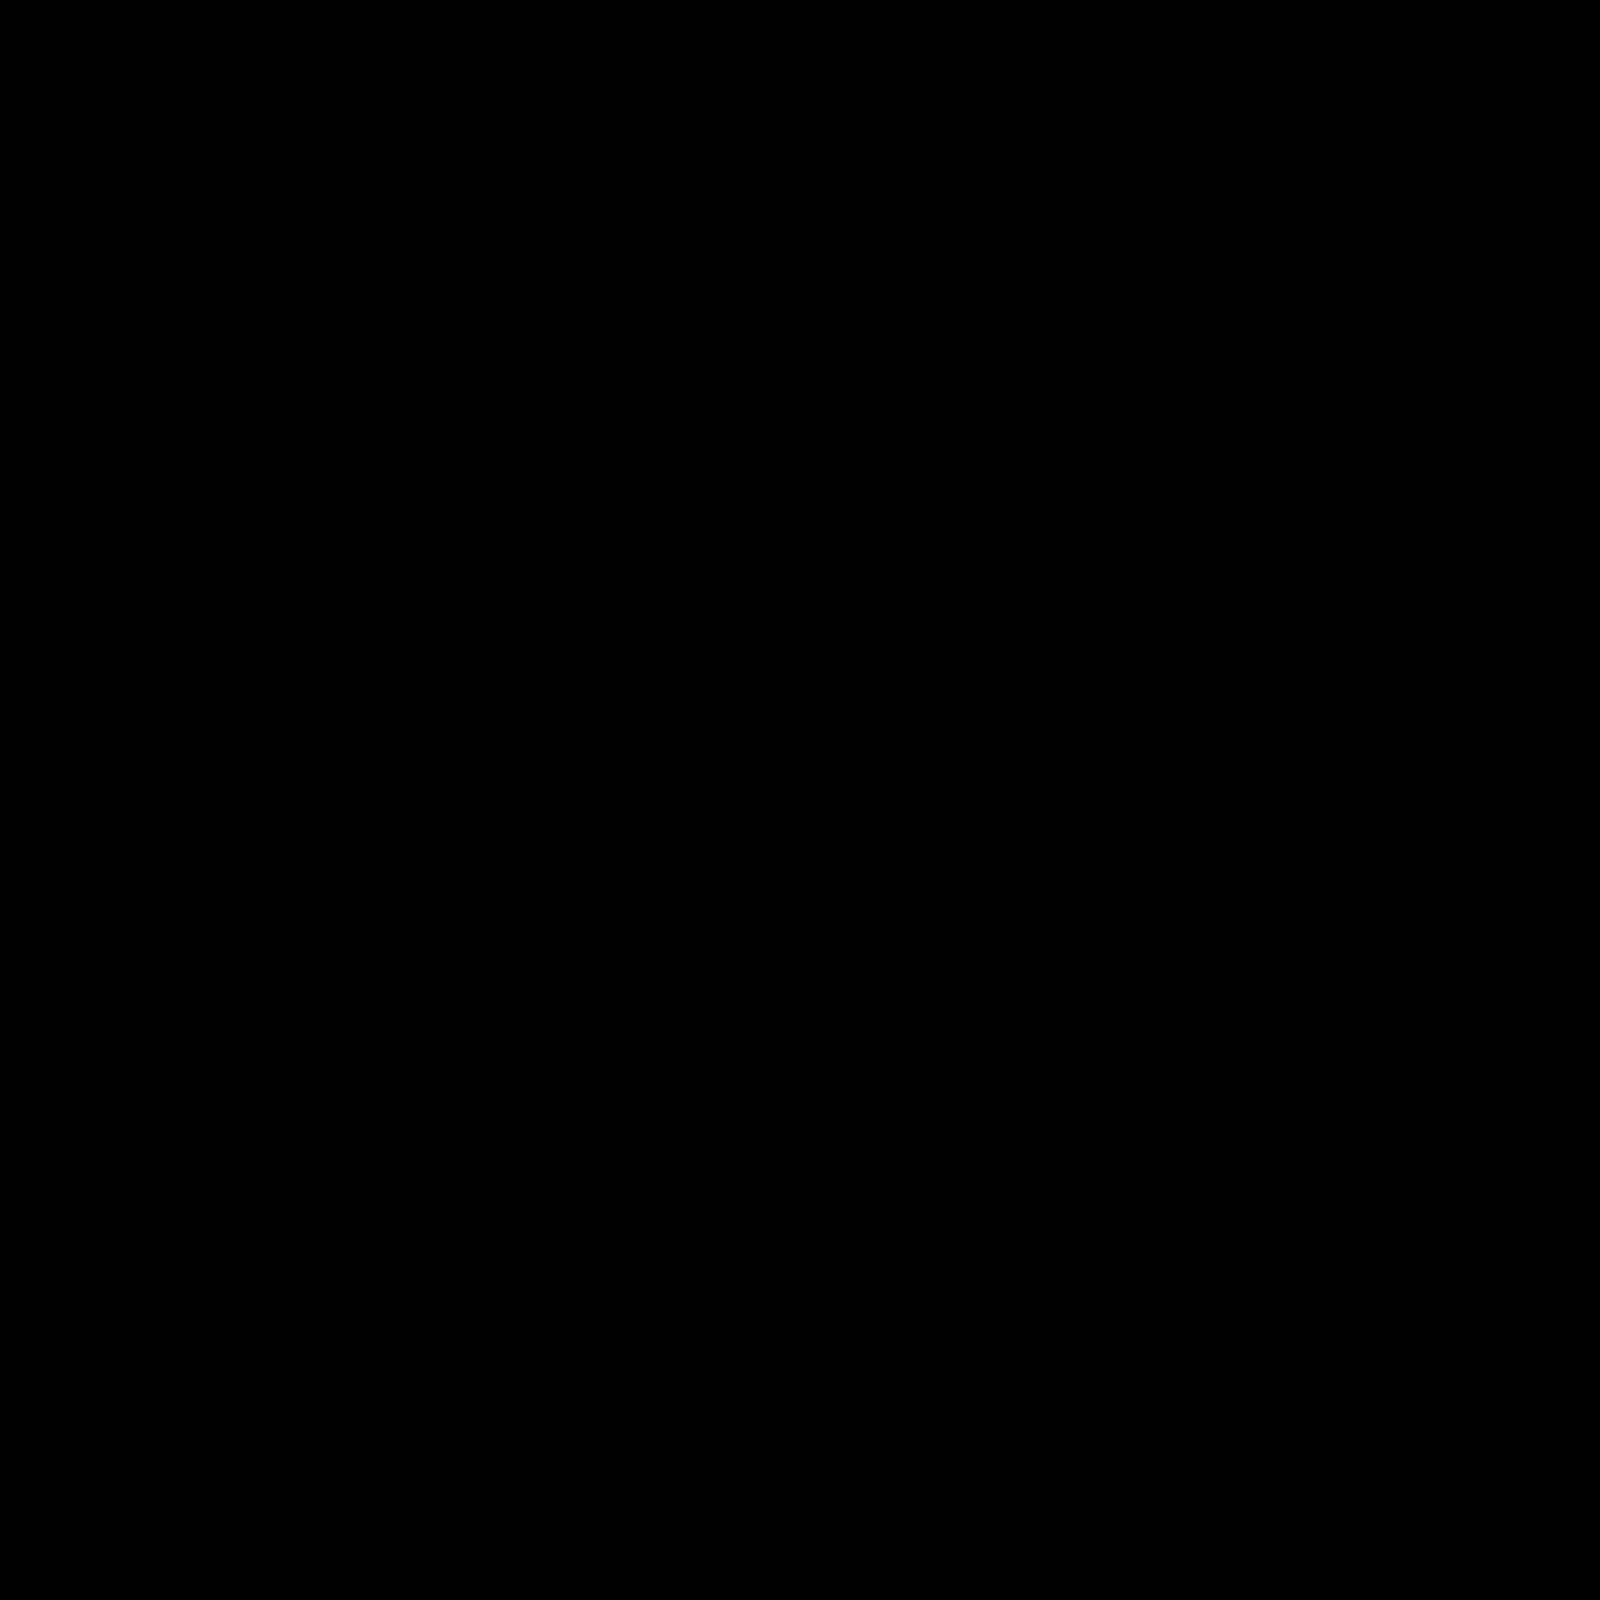 Clipart rain emoji. No icon free download